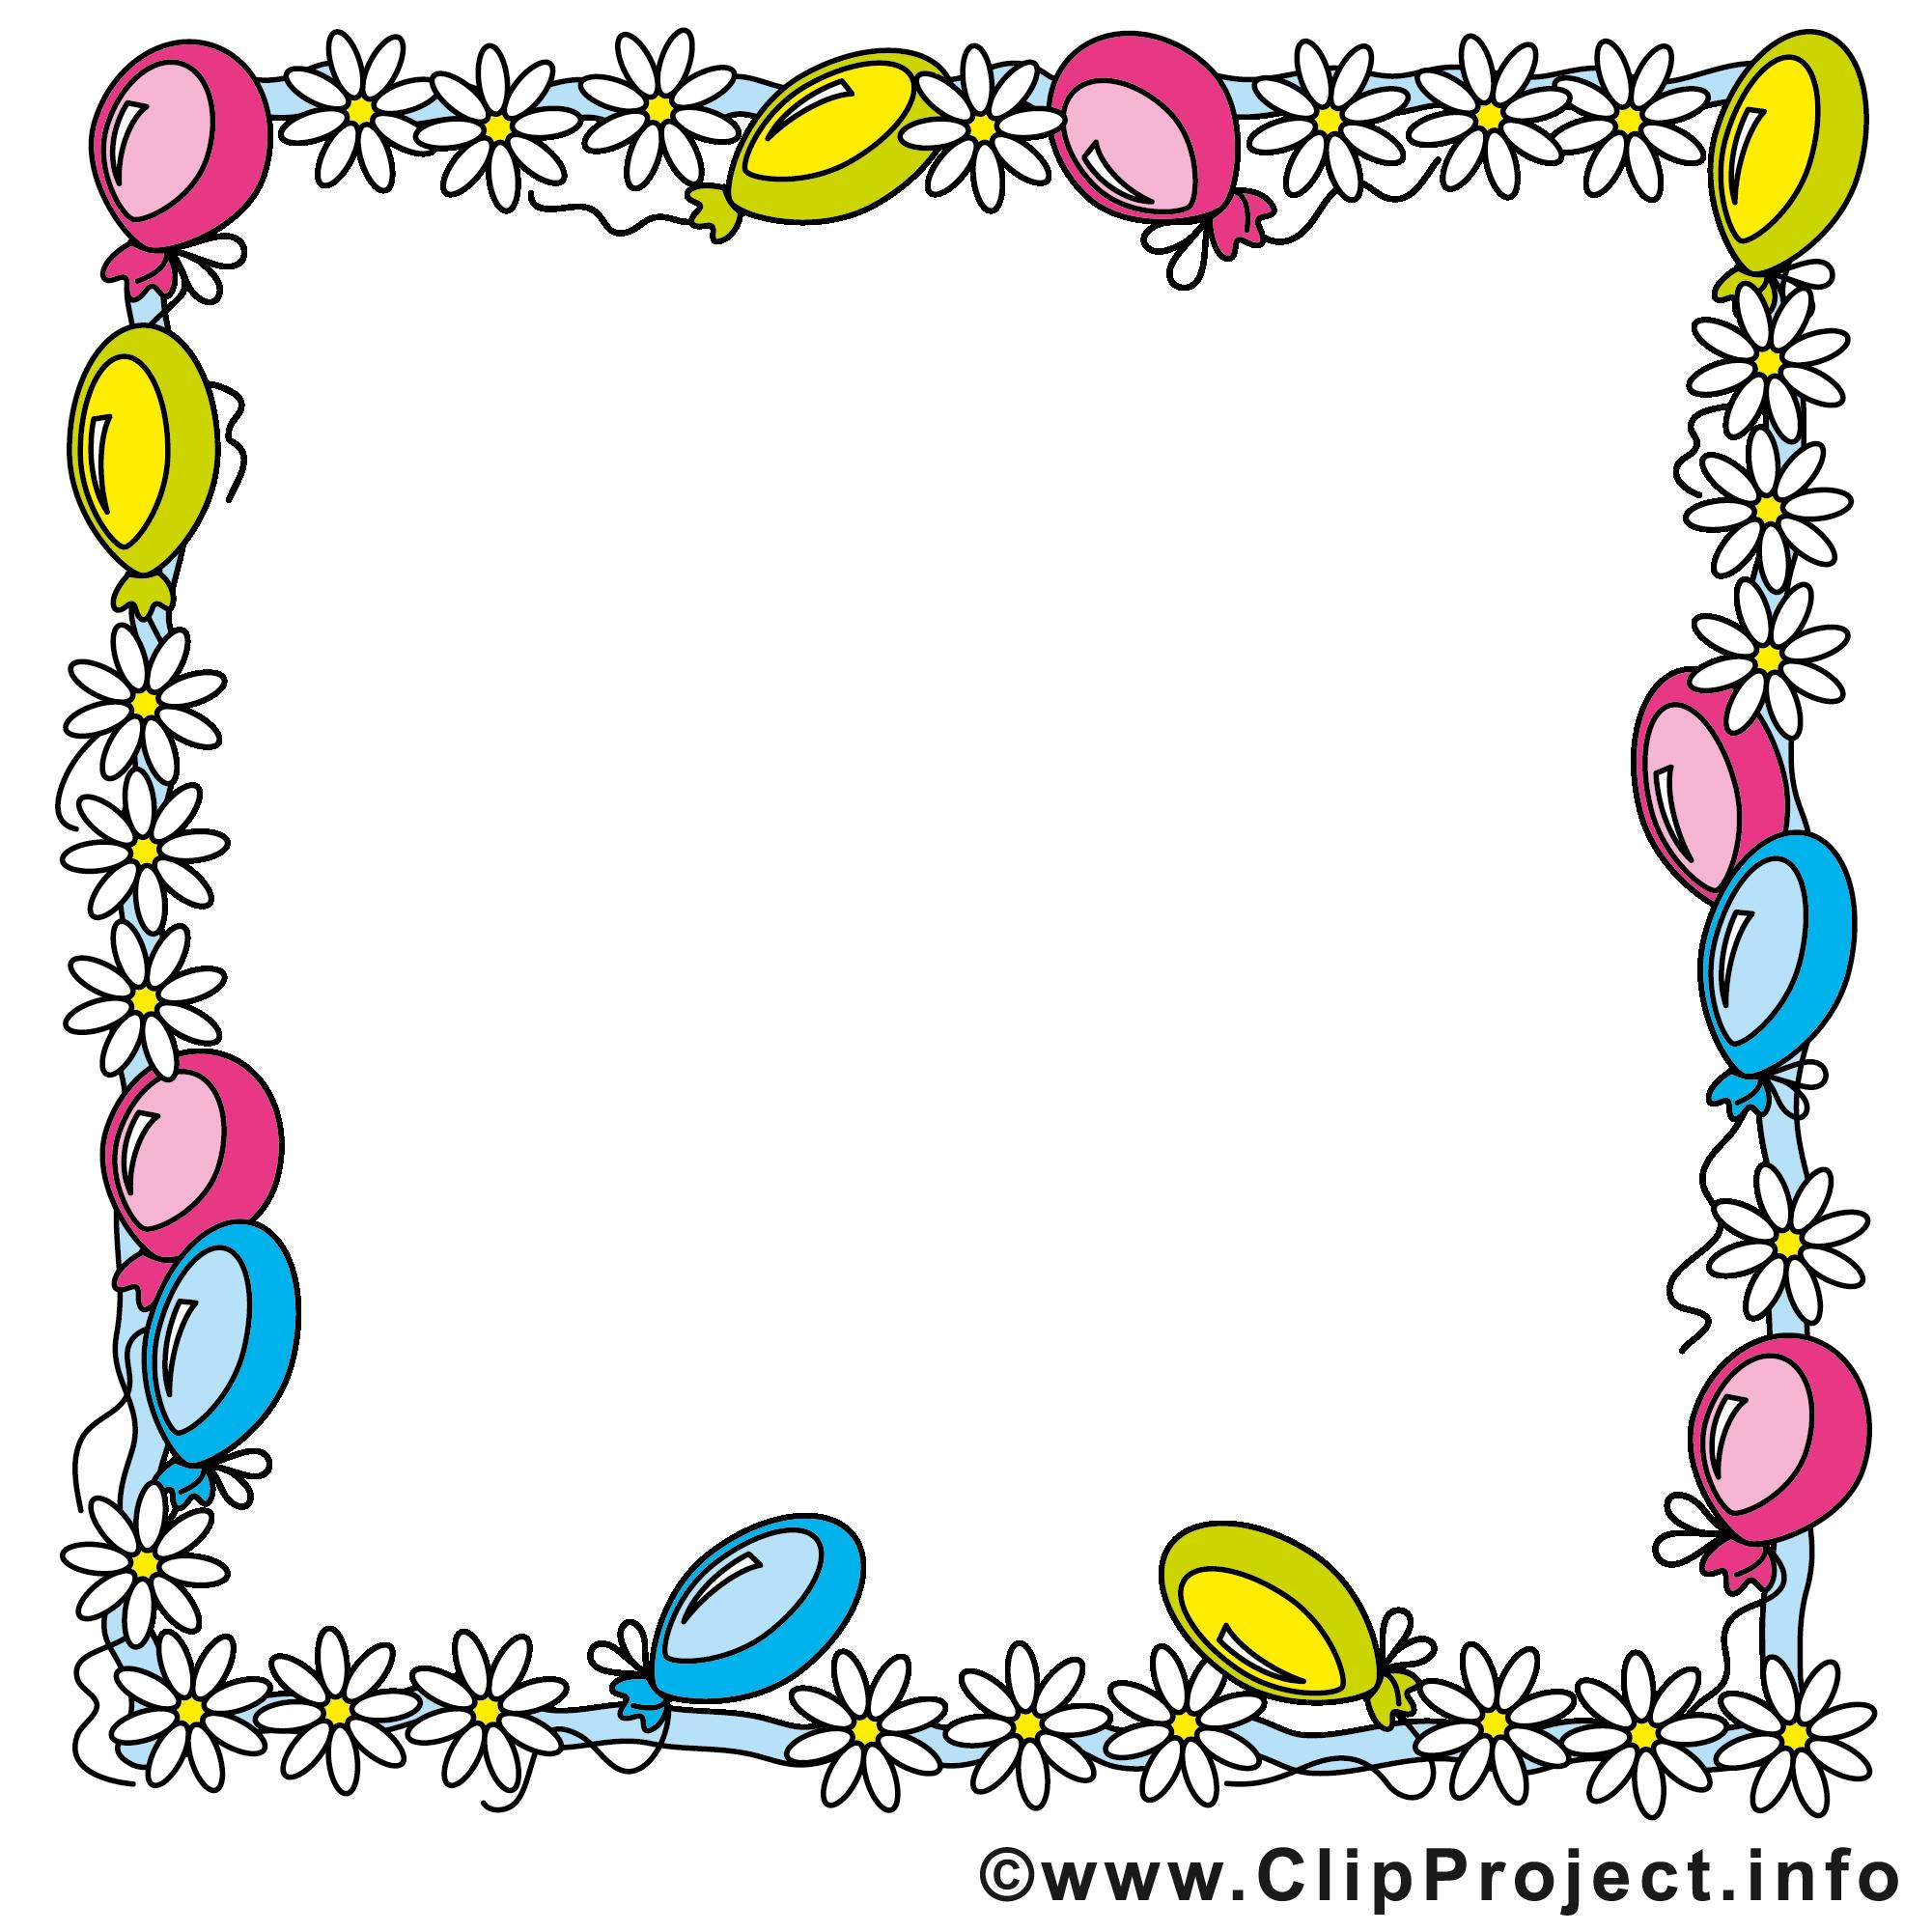 Bekannt Cadres - Clipart images télécharger gratuit LW57